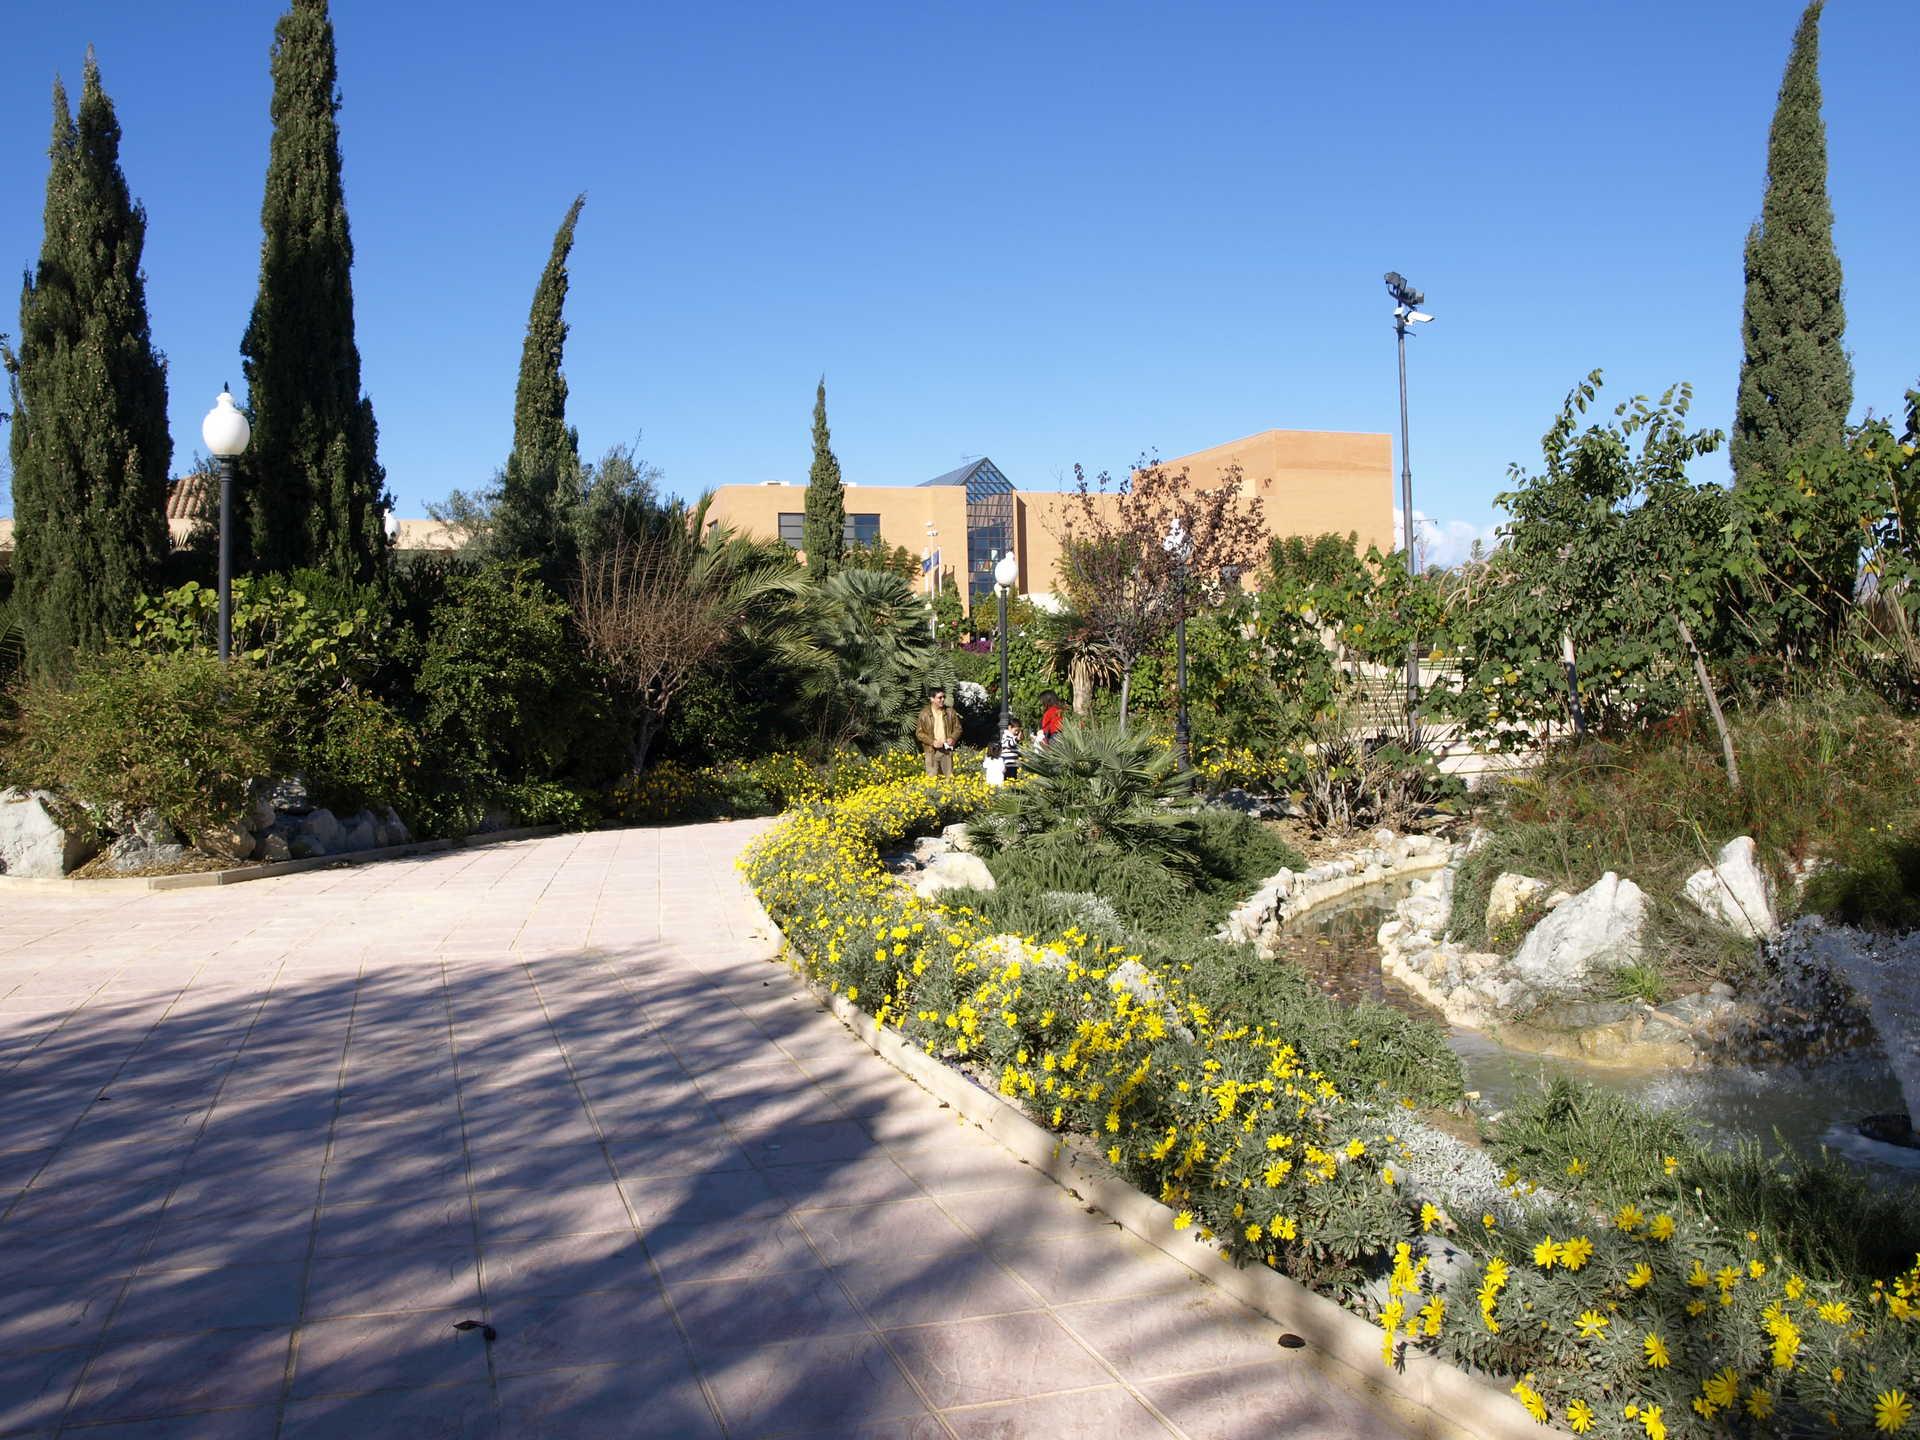 Parque Municipal El Canyar de les Portelles